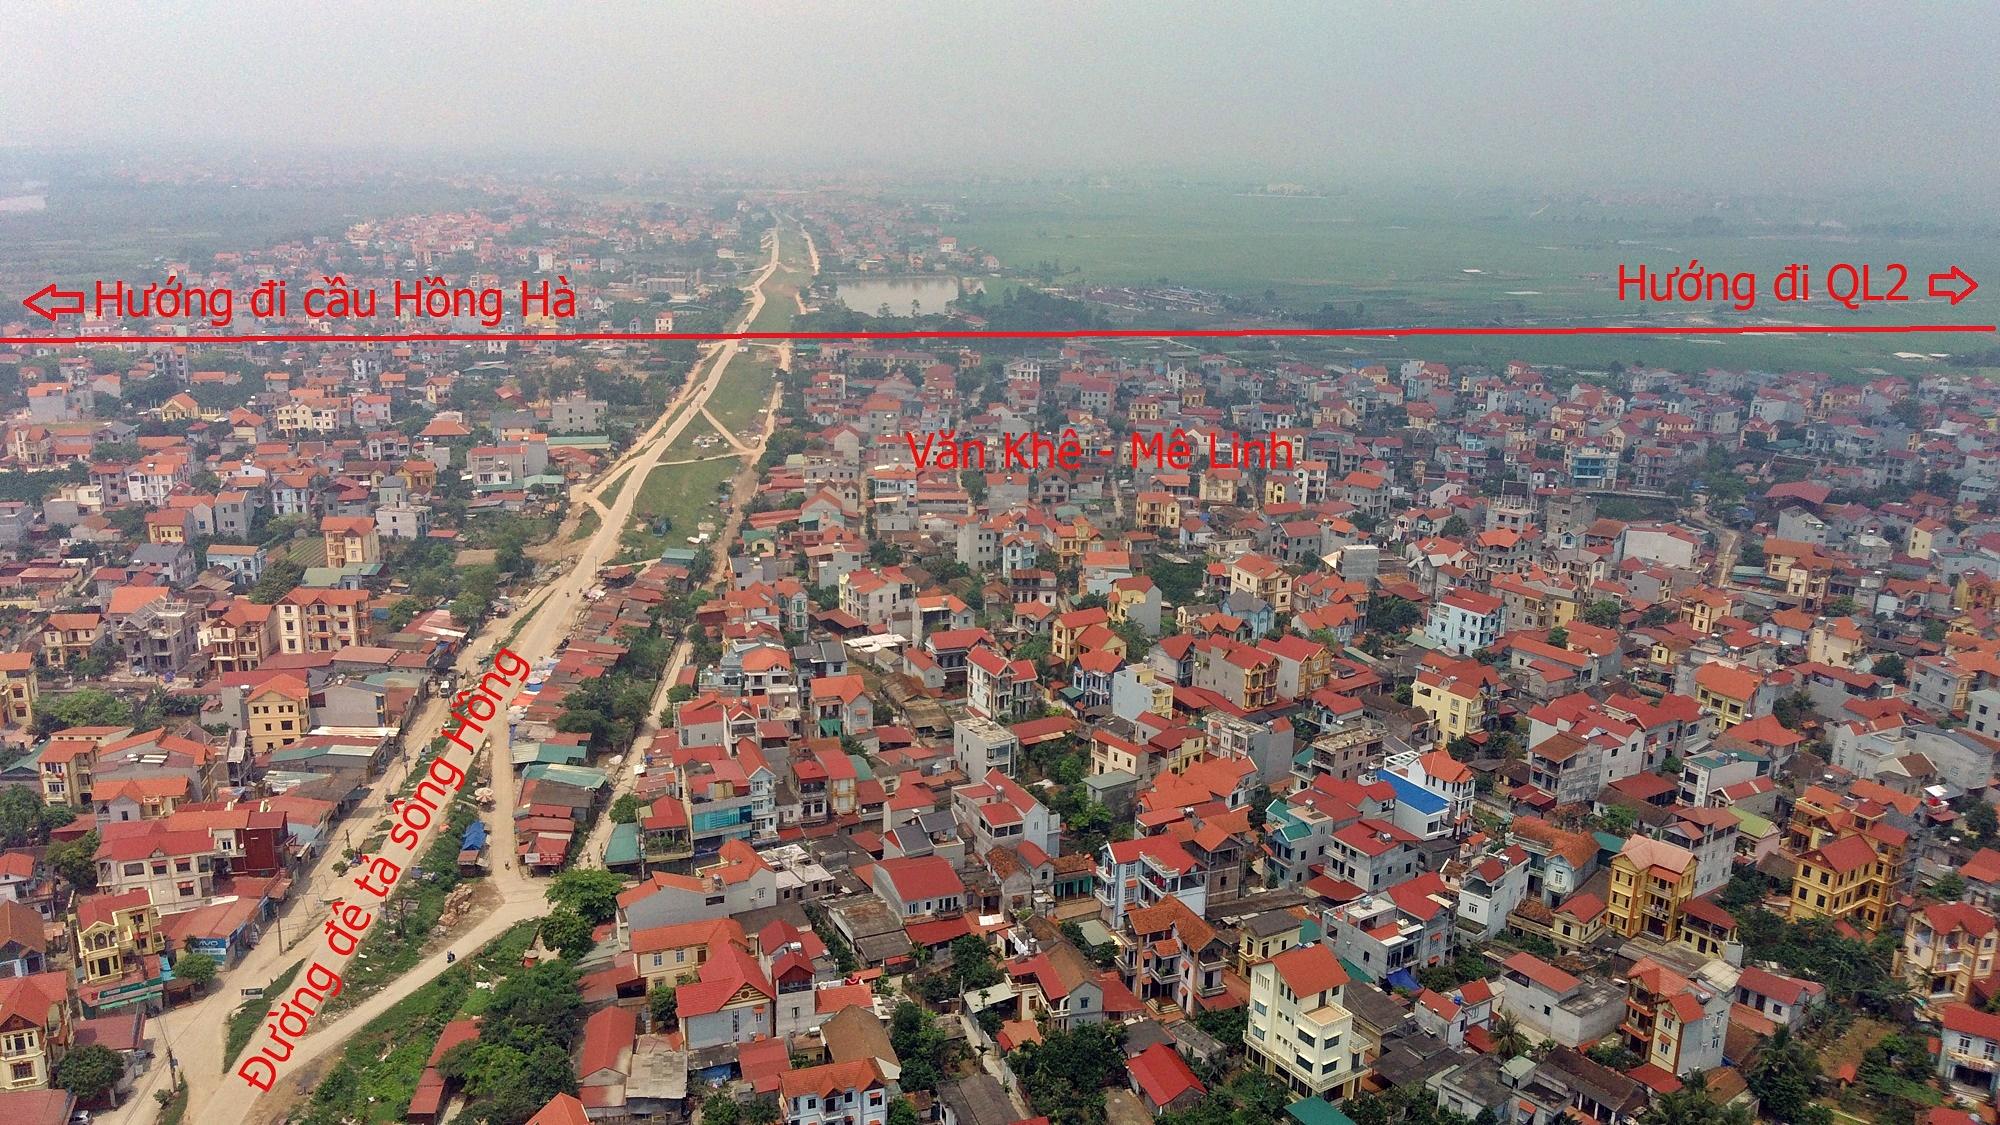 Cầu sẽ mở theo qui hoạch ở Hà Nội: Toàn cảnh vị trí làm cầu Hồng Hà nối Đan Phượng với Mê Linh - Ảnh 10.